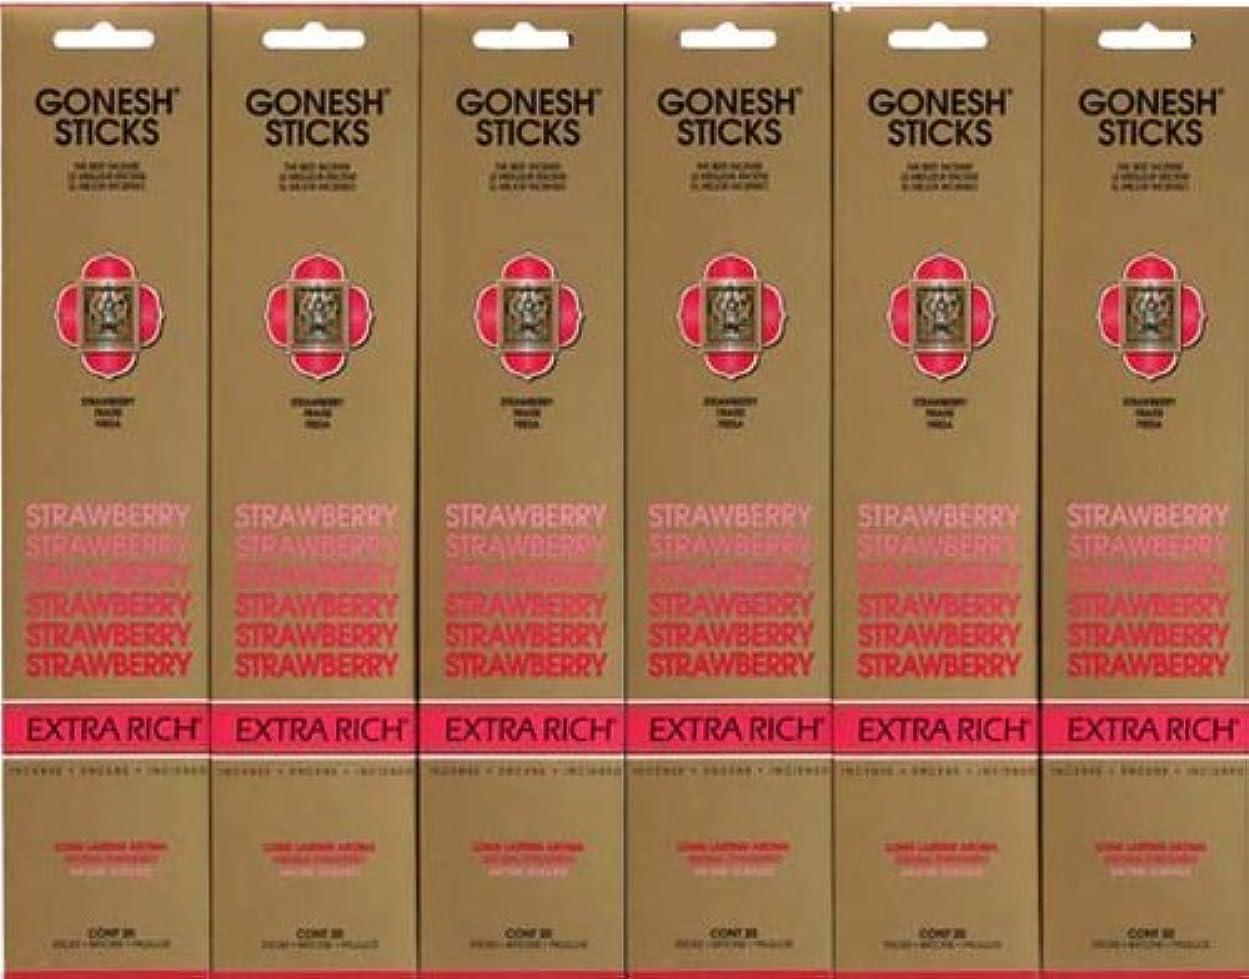 発火する群がる前売GONESH STRAWBERRY ストロベリー スティック 20本入り X 6パック (120本)